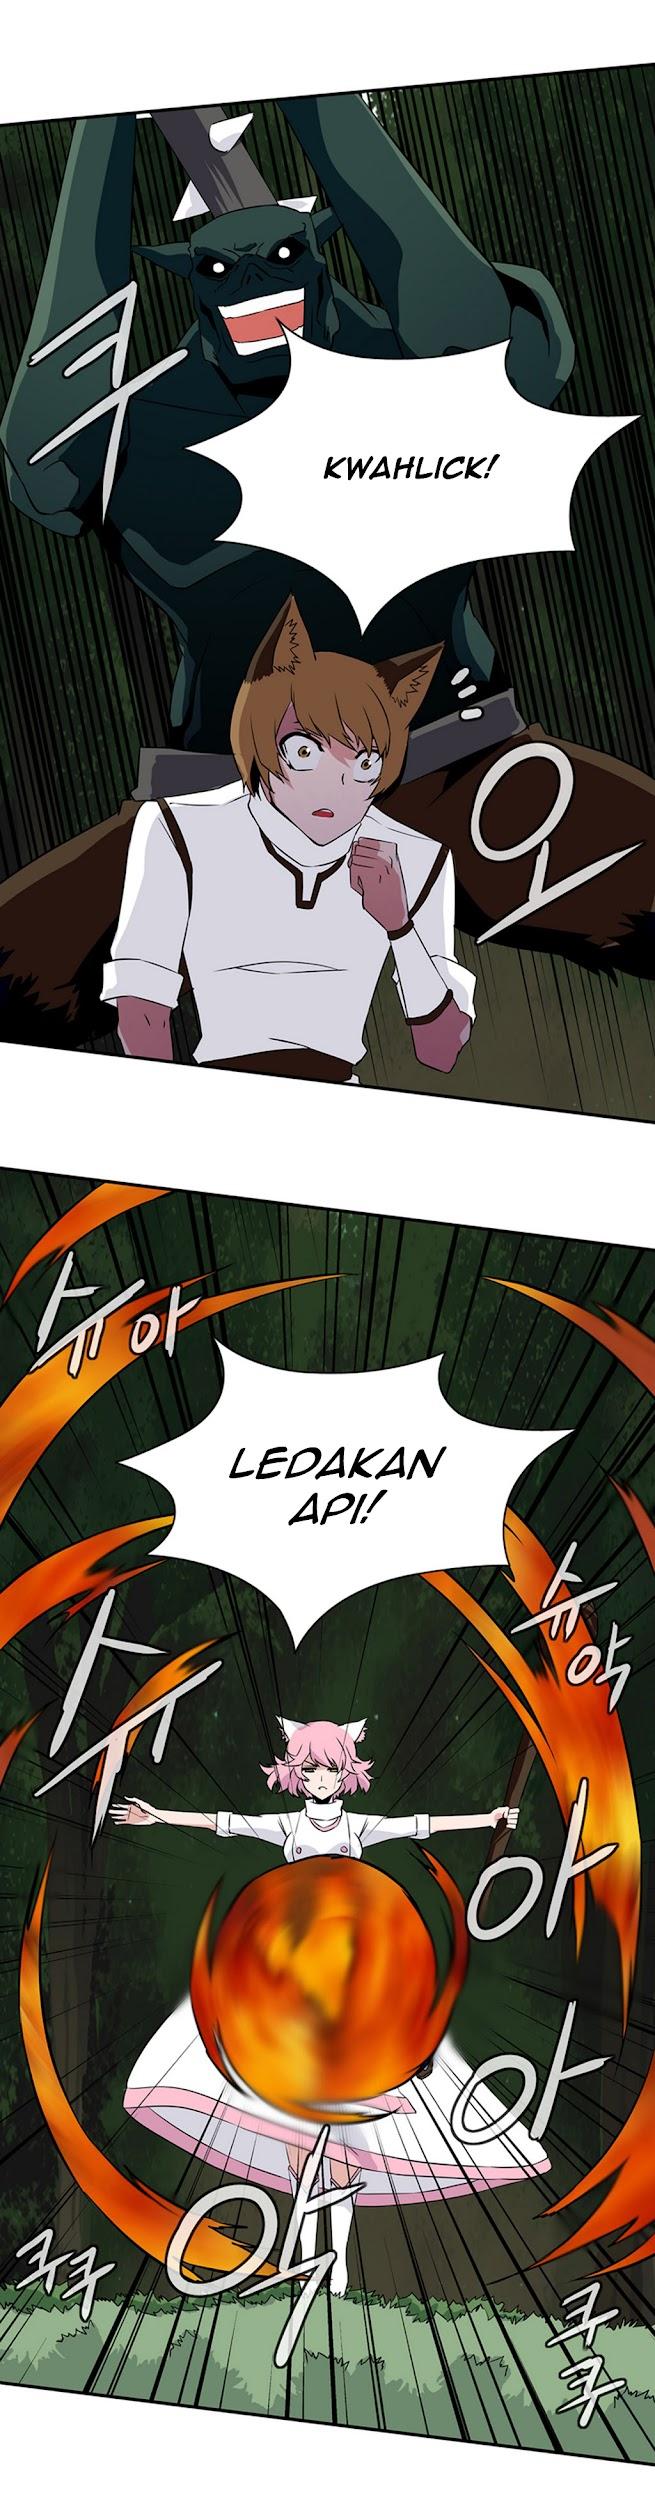 Dilarang COPAS - situs resmi www.mangacanblog.com - Komik wizardly tower 018 - chapter 18 19 Indonesia wizardly tower 018 - chapter 18 Terbaru 10|Baca Manga Komik Indonesia|Mangacan